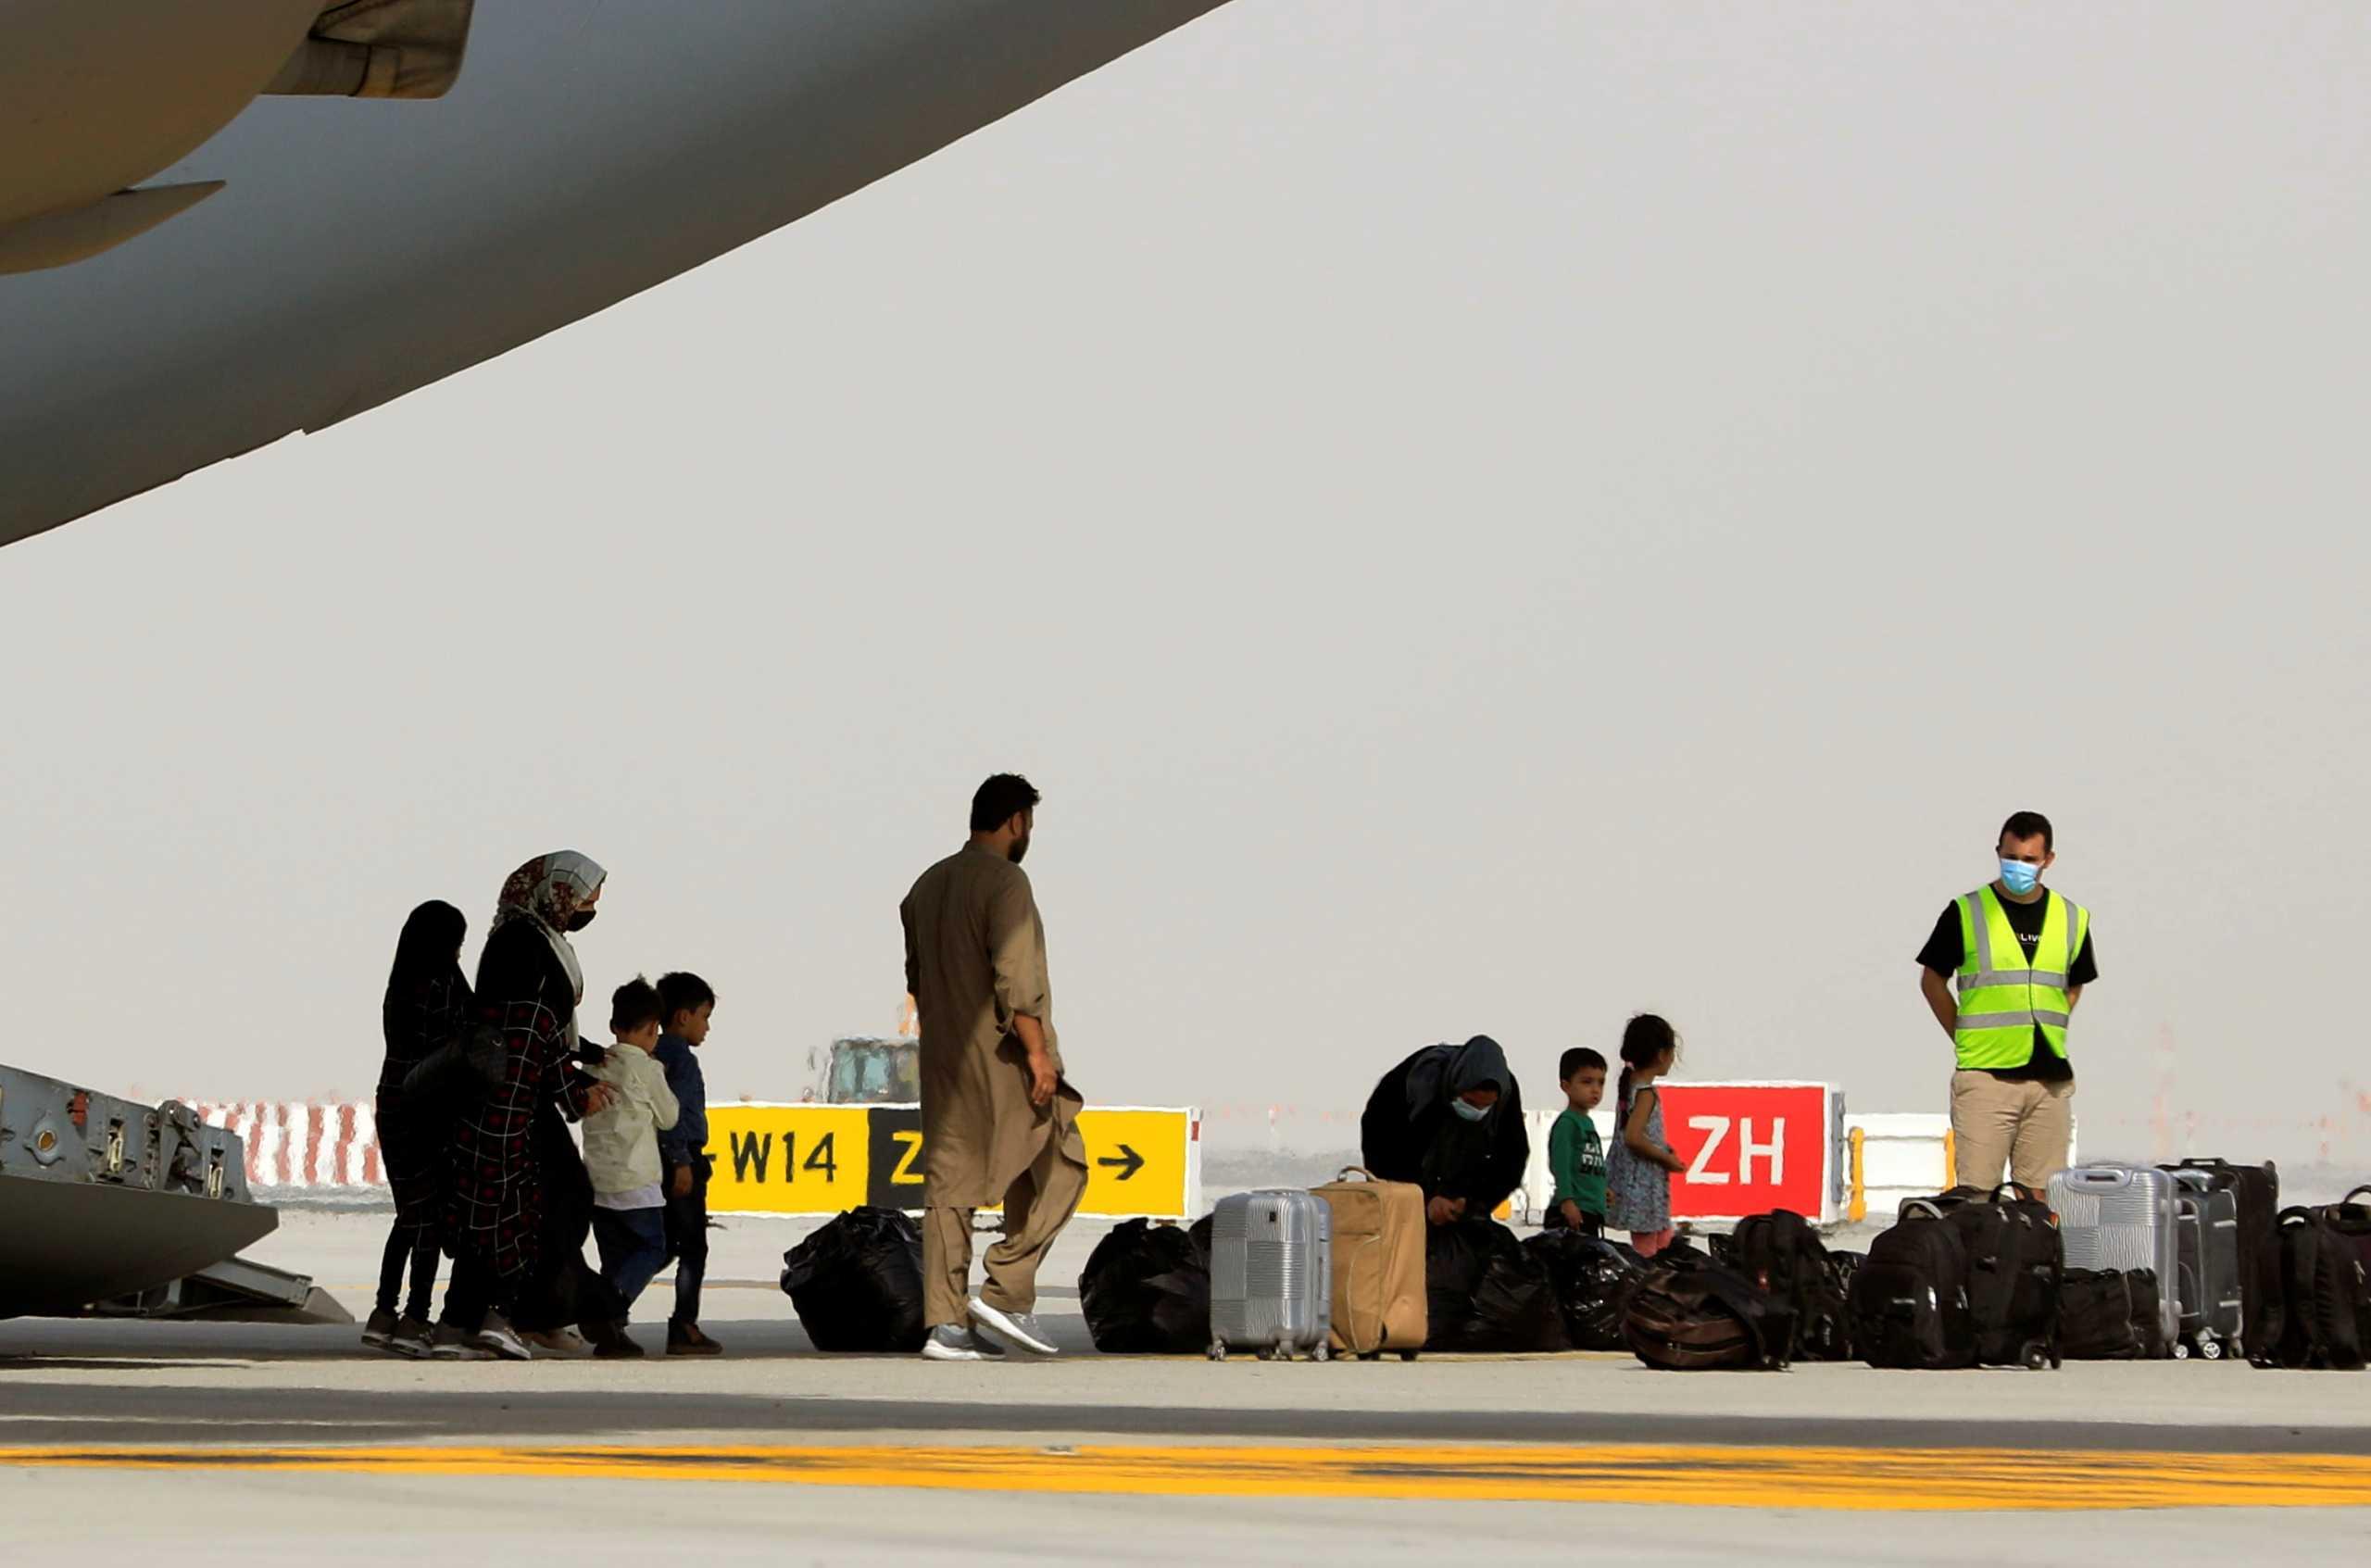 Ταλιμπάν: Τηρούμε τον λόγο μας για την απομάκρυνση ξένων υπηκόων από την Καμπούλ